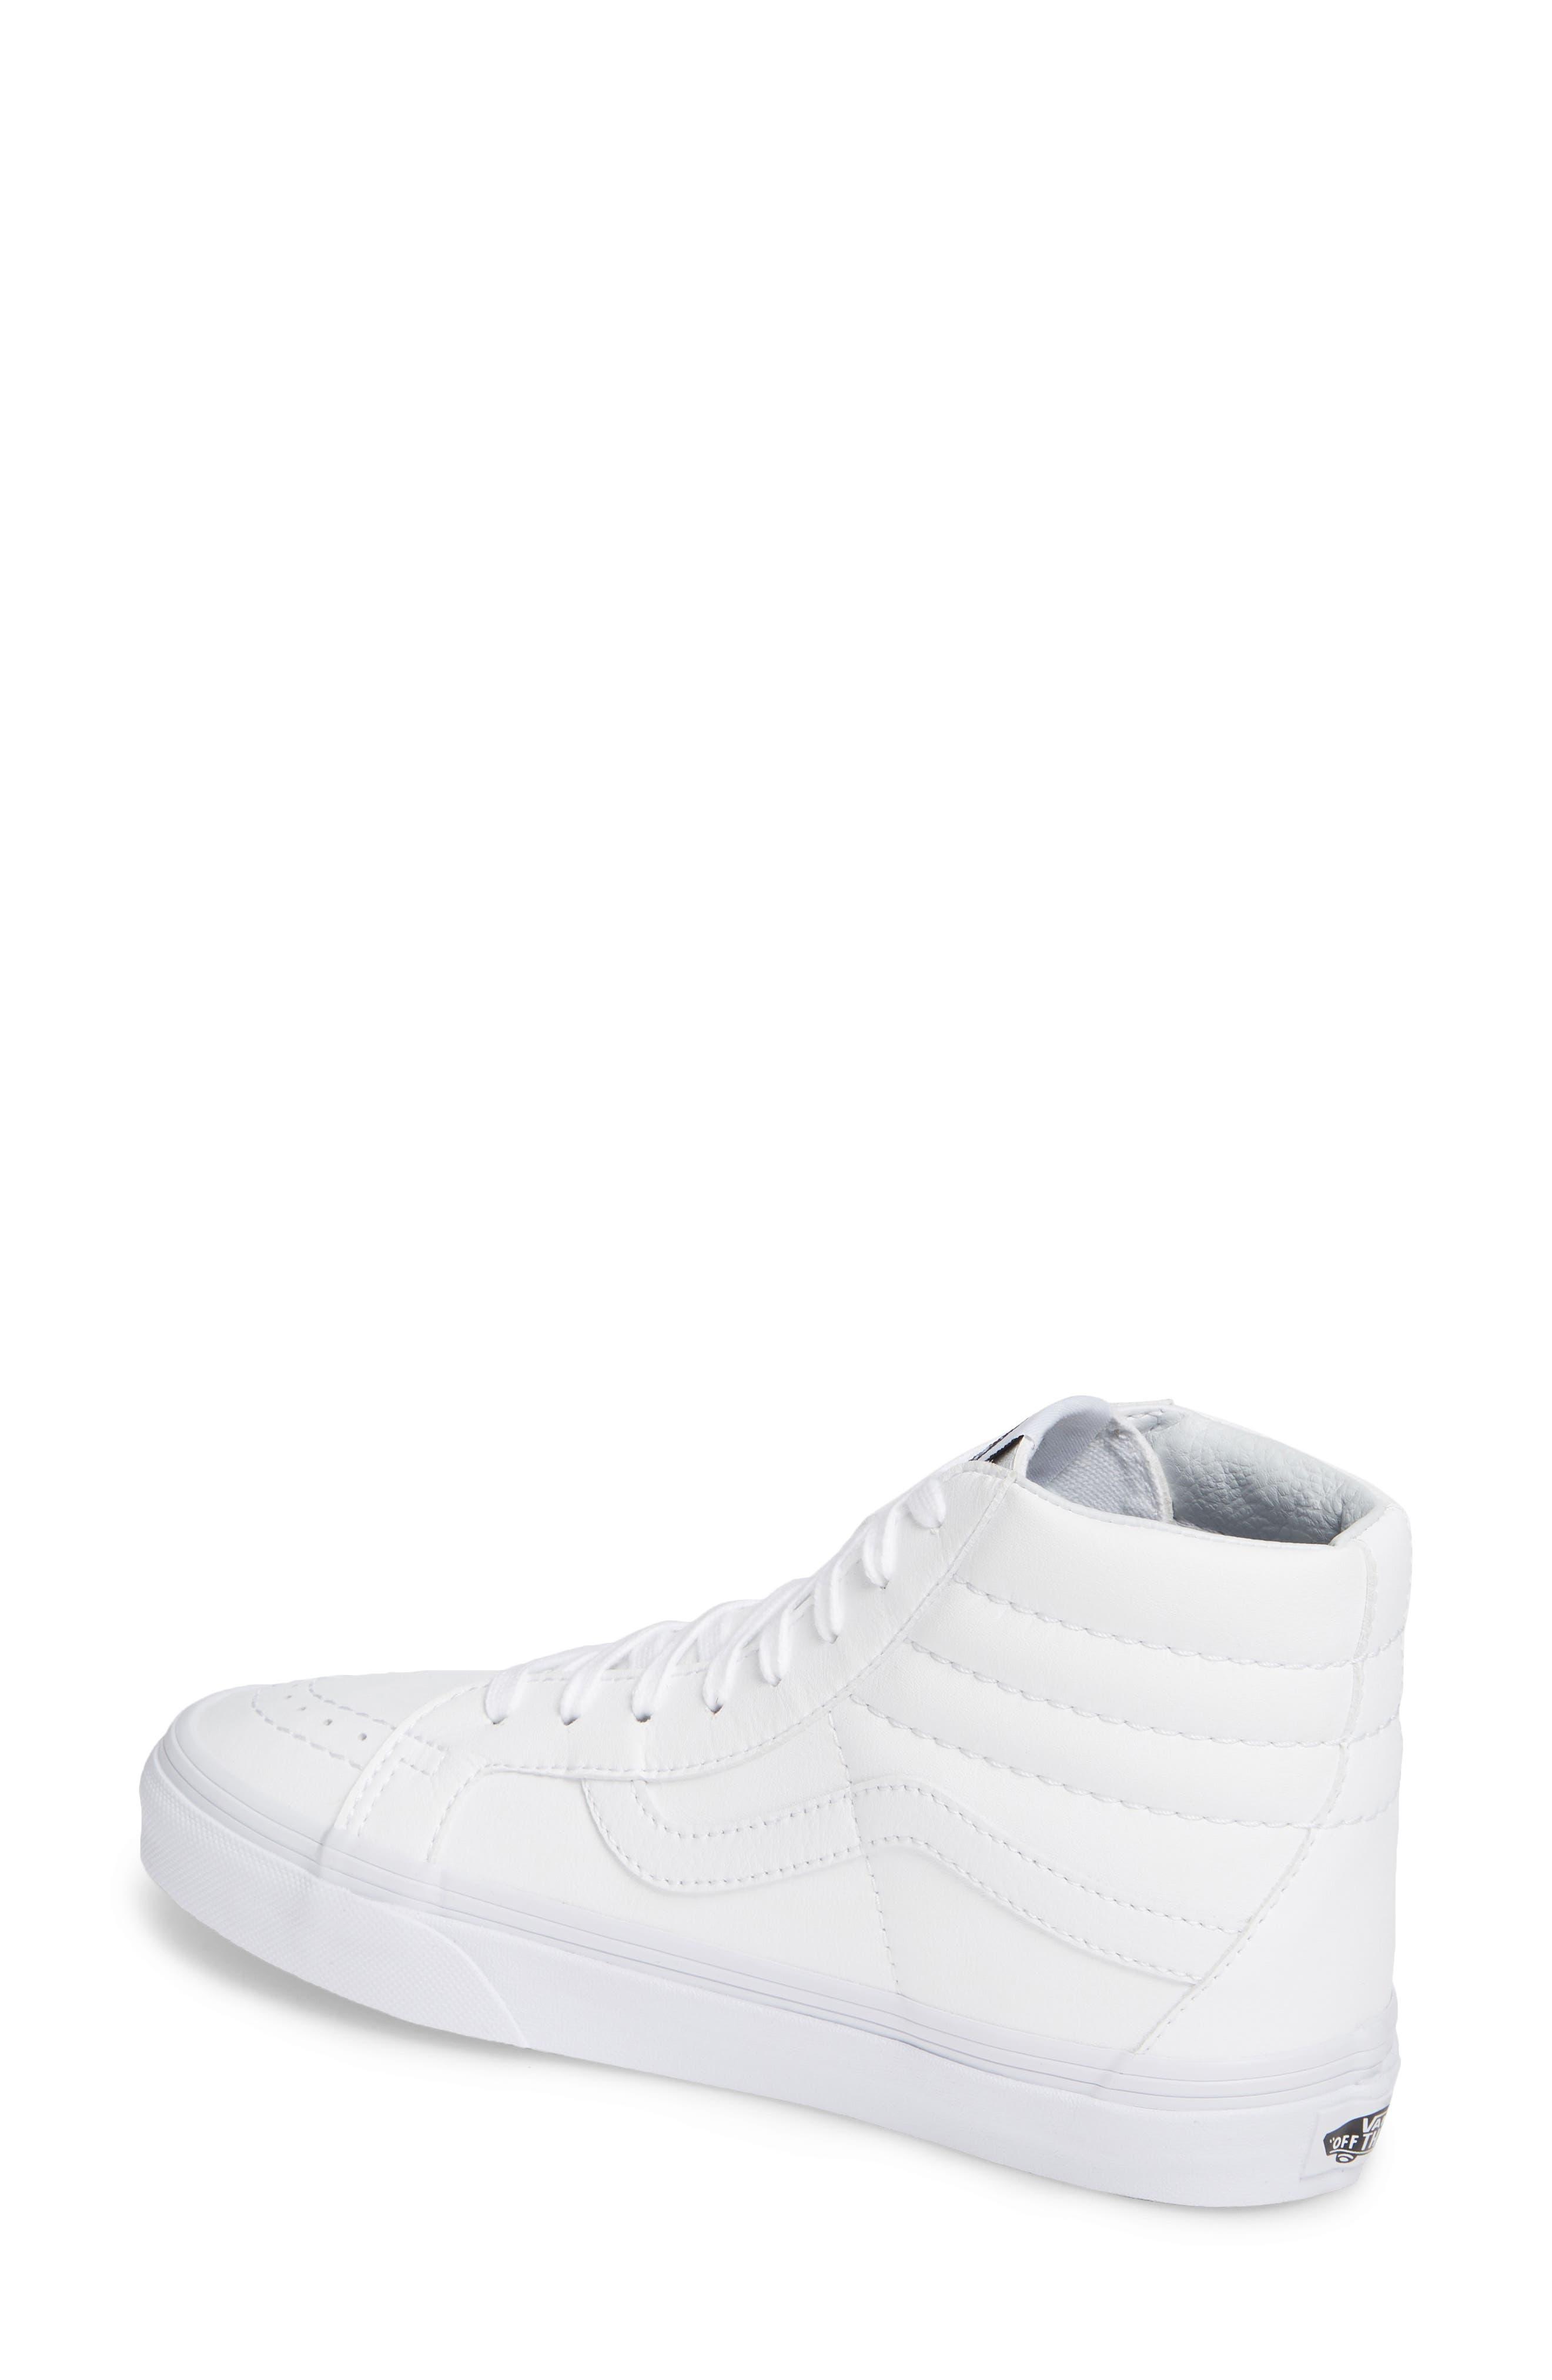 VANS, 'Sk8-Hi Reissue' Sneaker, Alternate thumbnail 2, color, TRUE WHITE